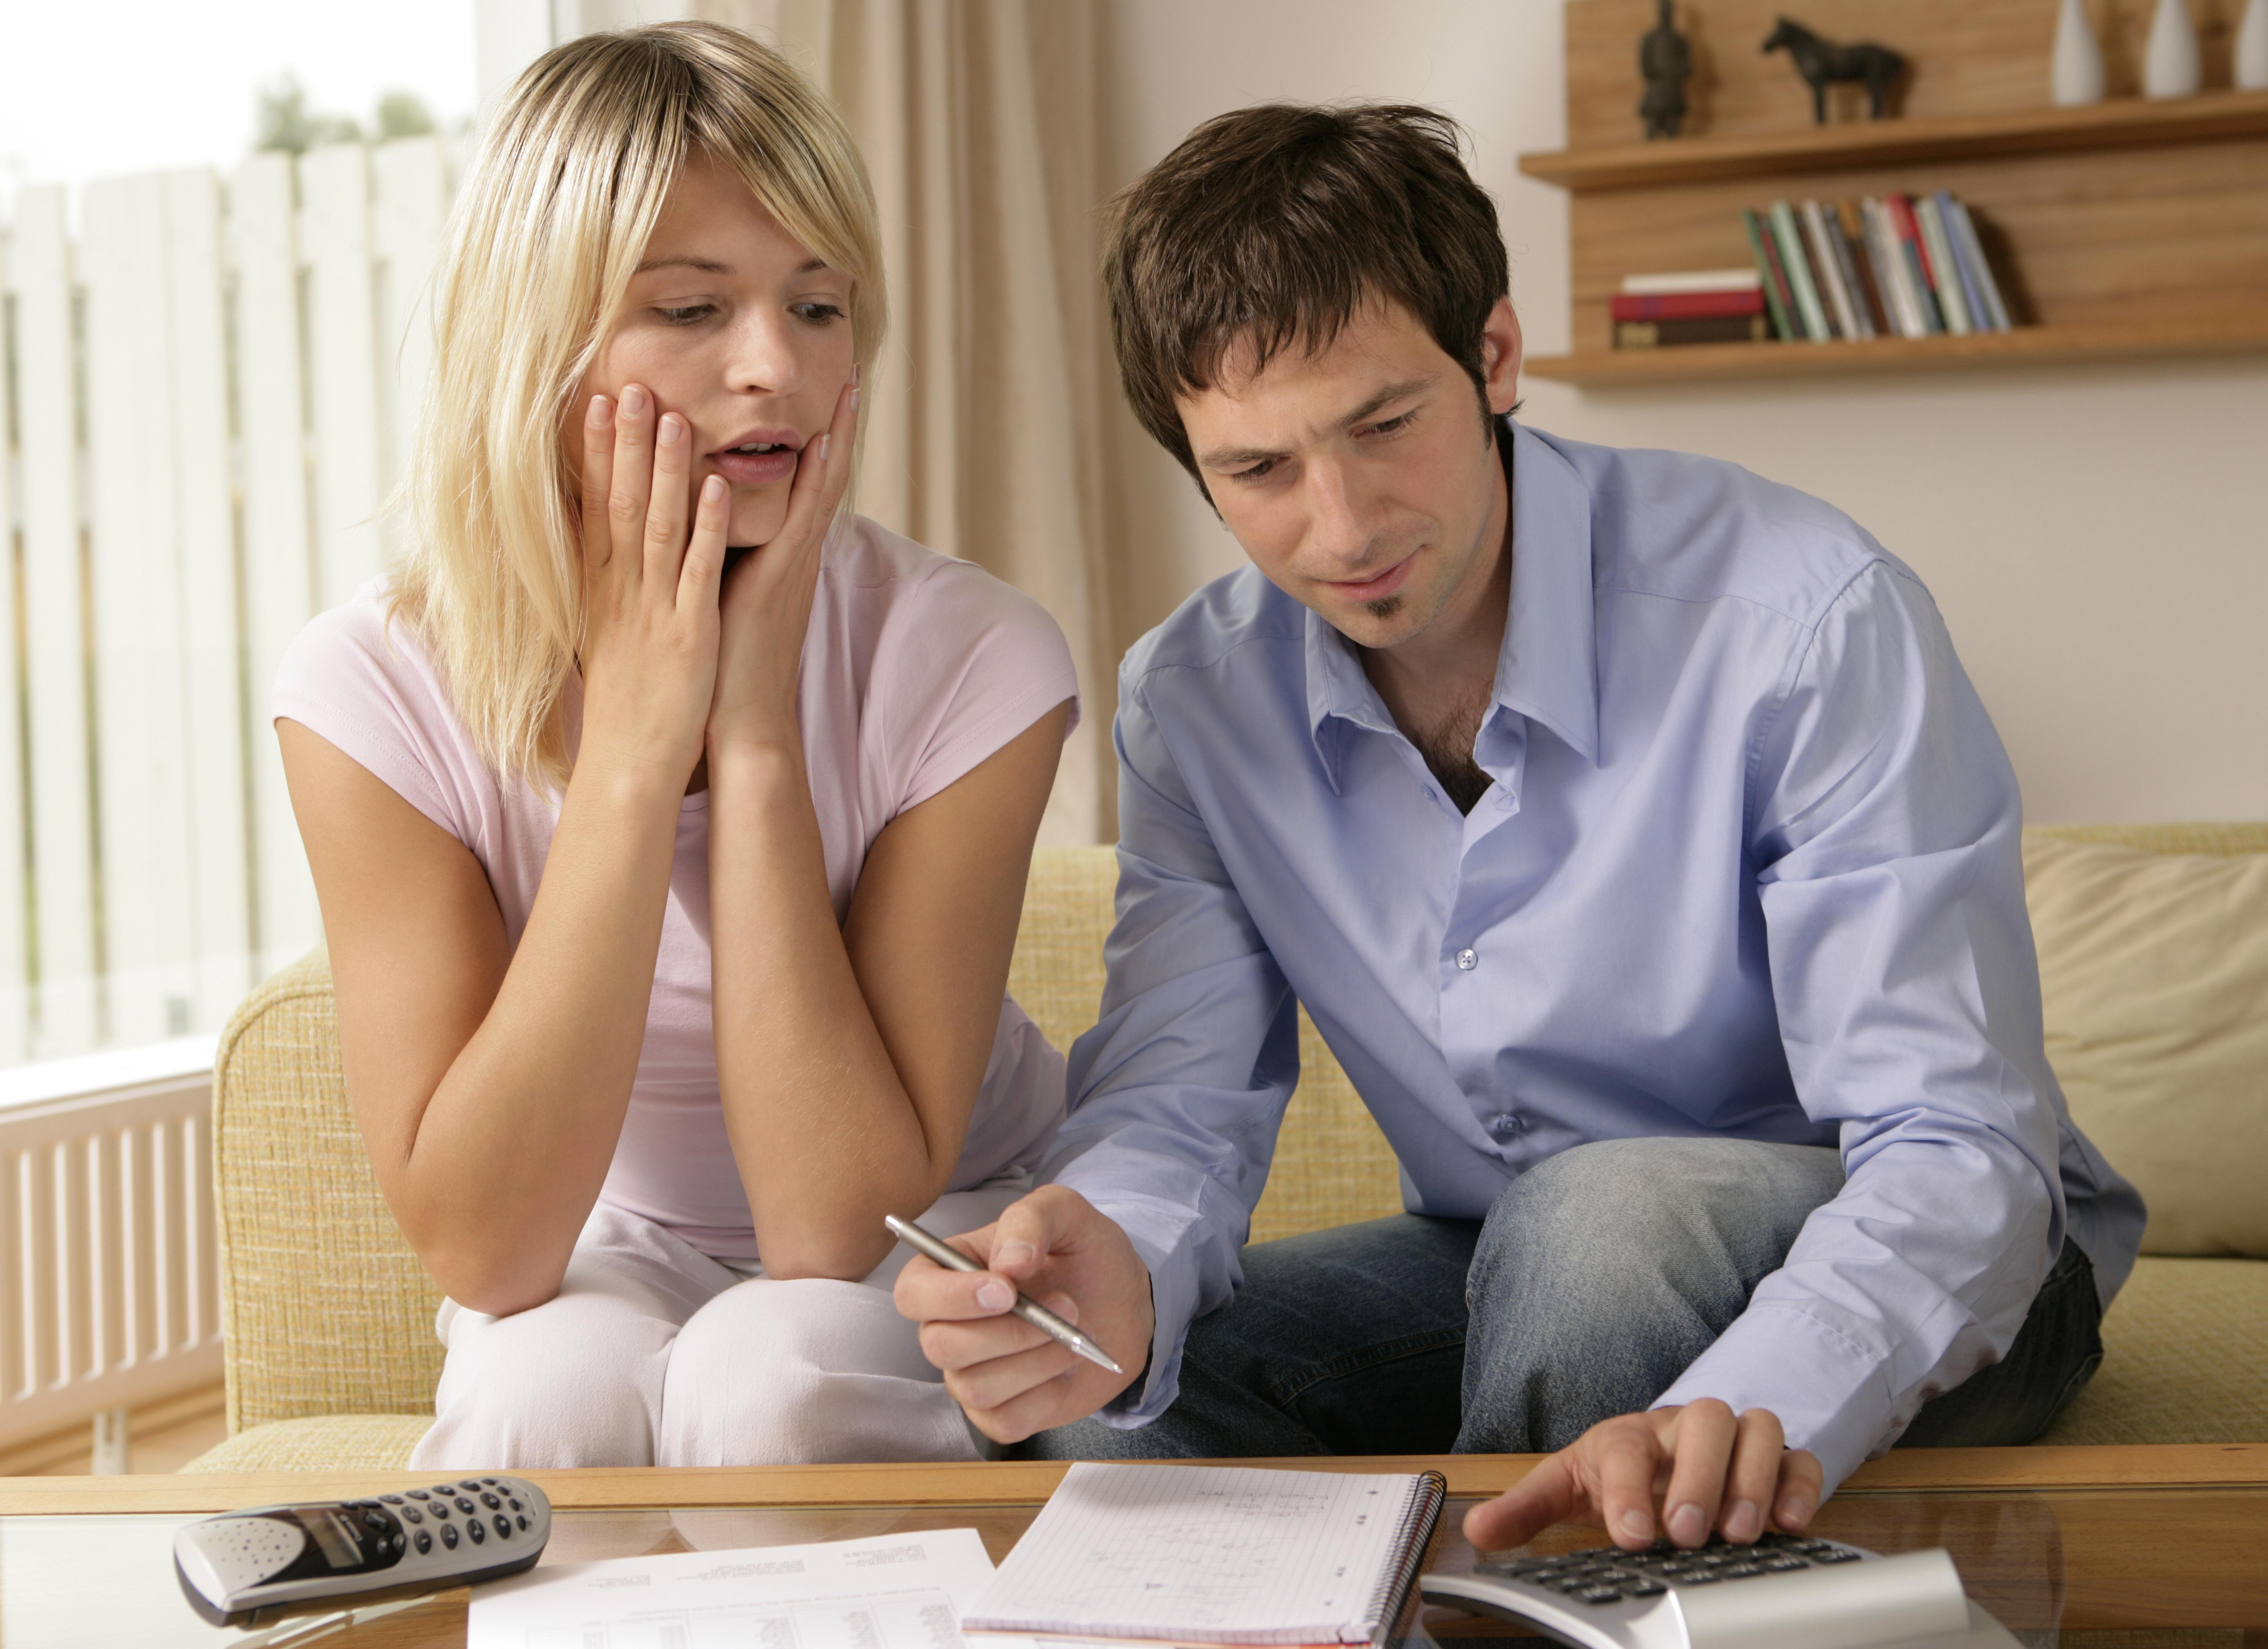 Las siete cosas que te pueden cabrear (y mucho) cuando haces tarde la declaración de la renta